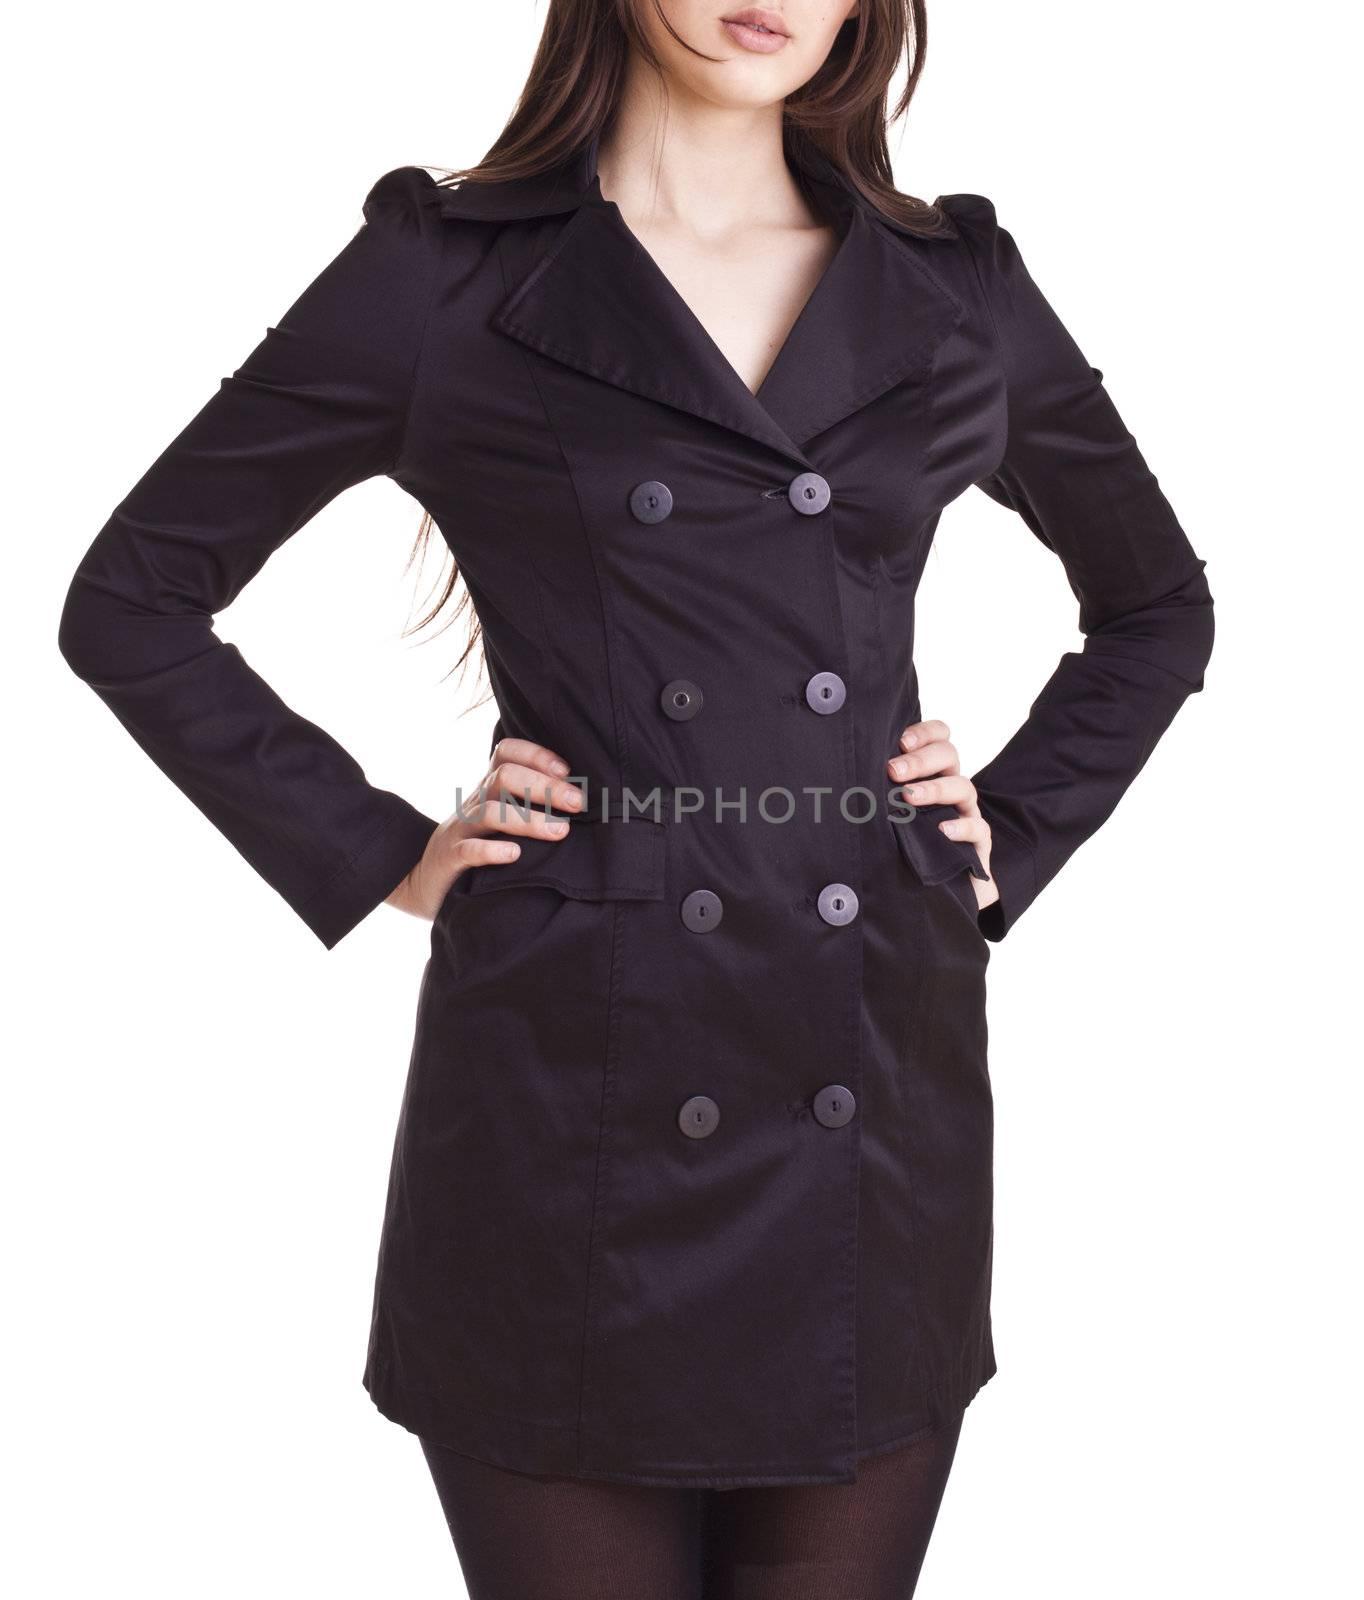 fashion model in fashion dress